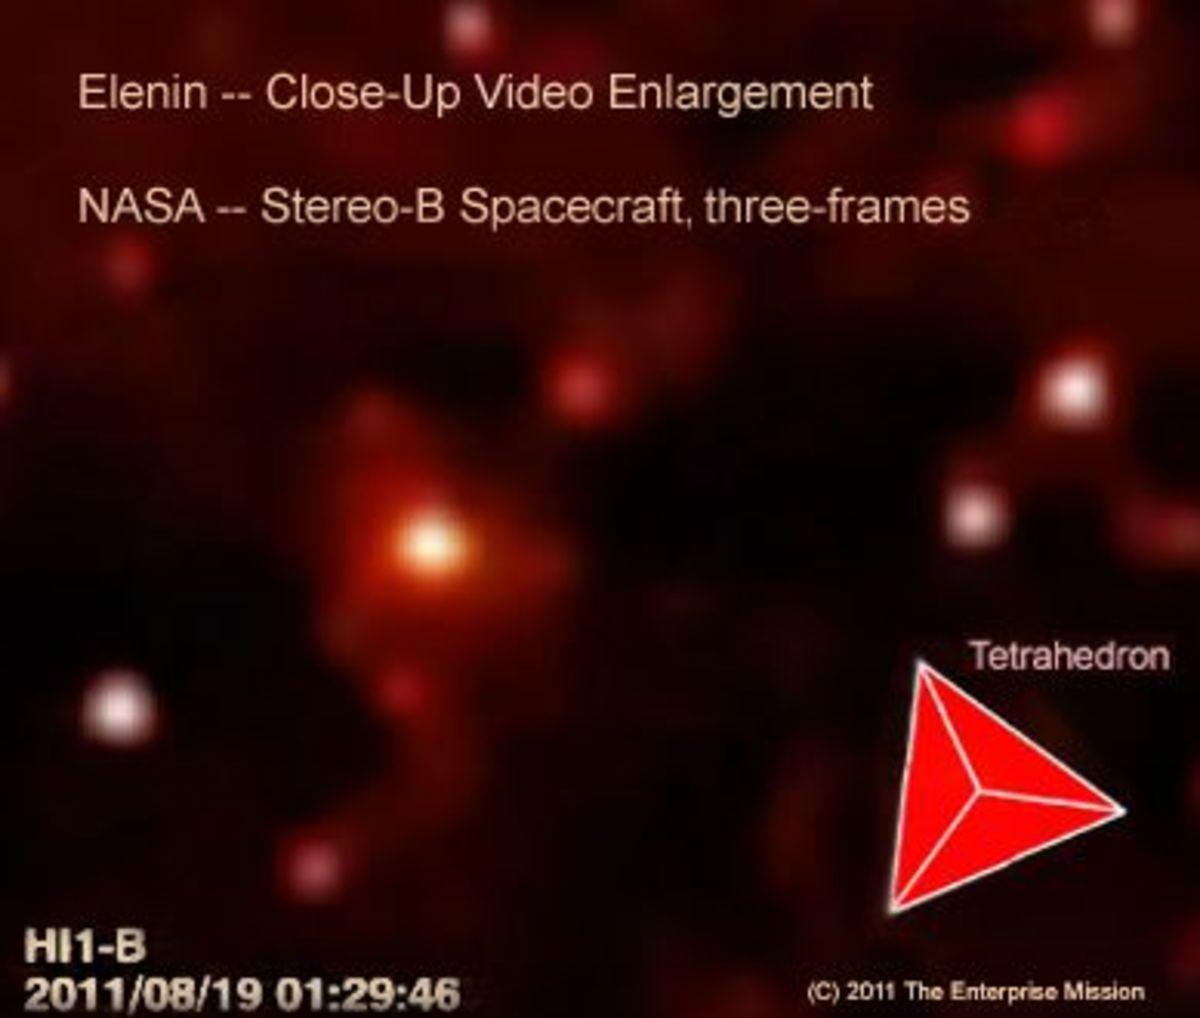 comet-hale-bopp-niburu-the-second-moon-planet-x-wormwood-comet-elenin